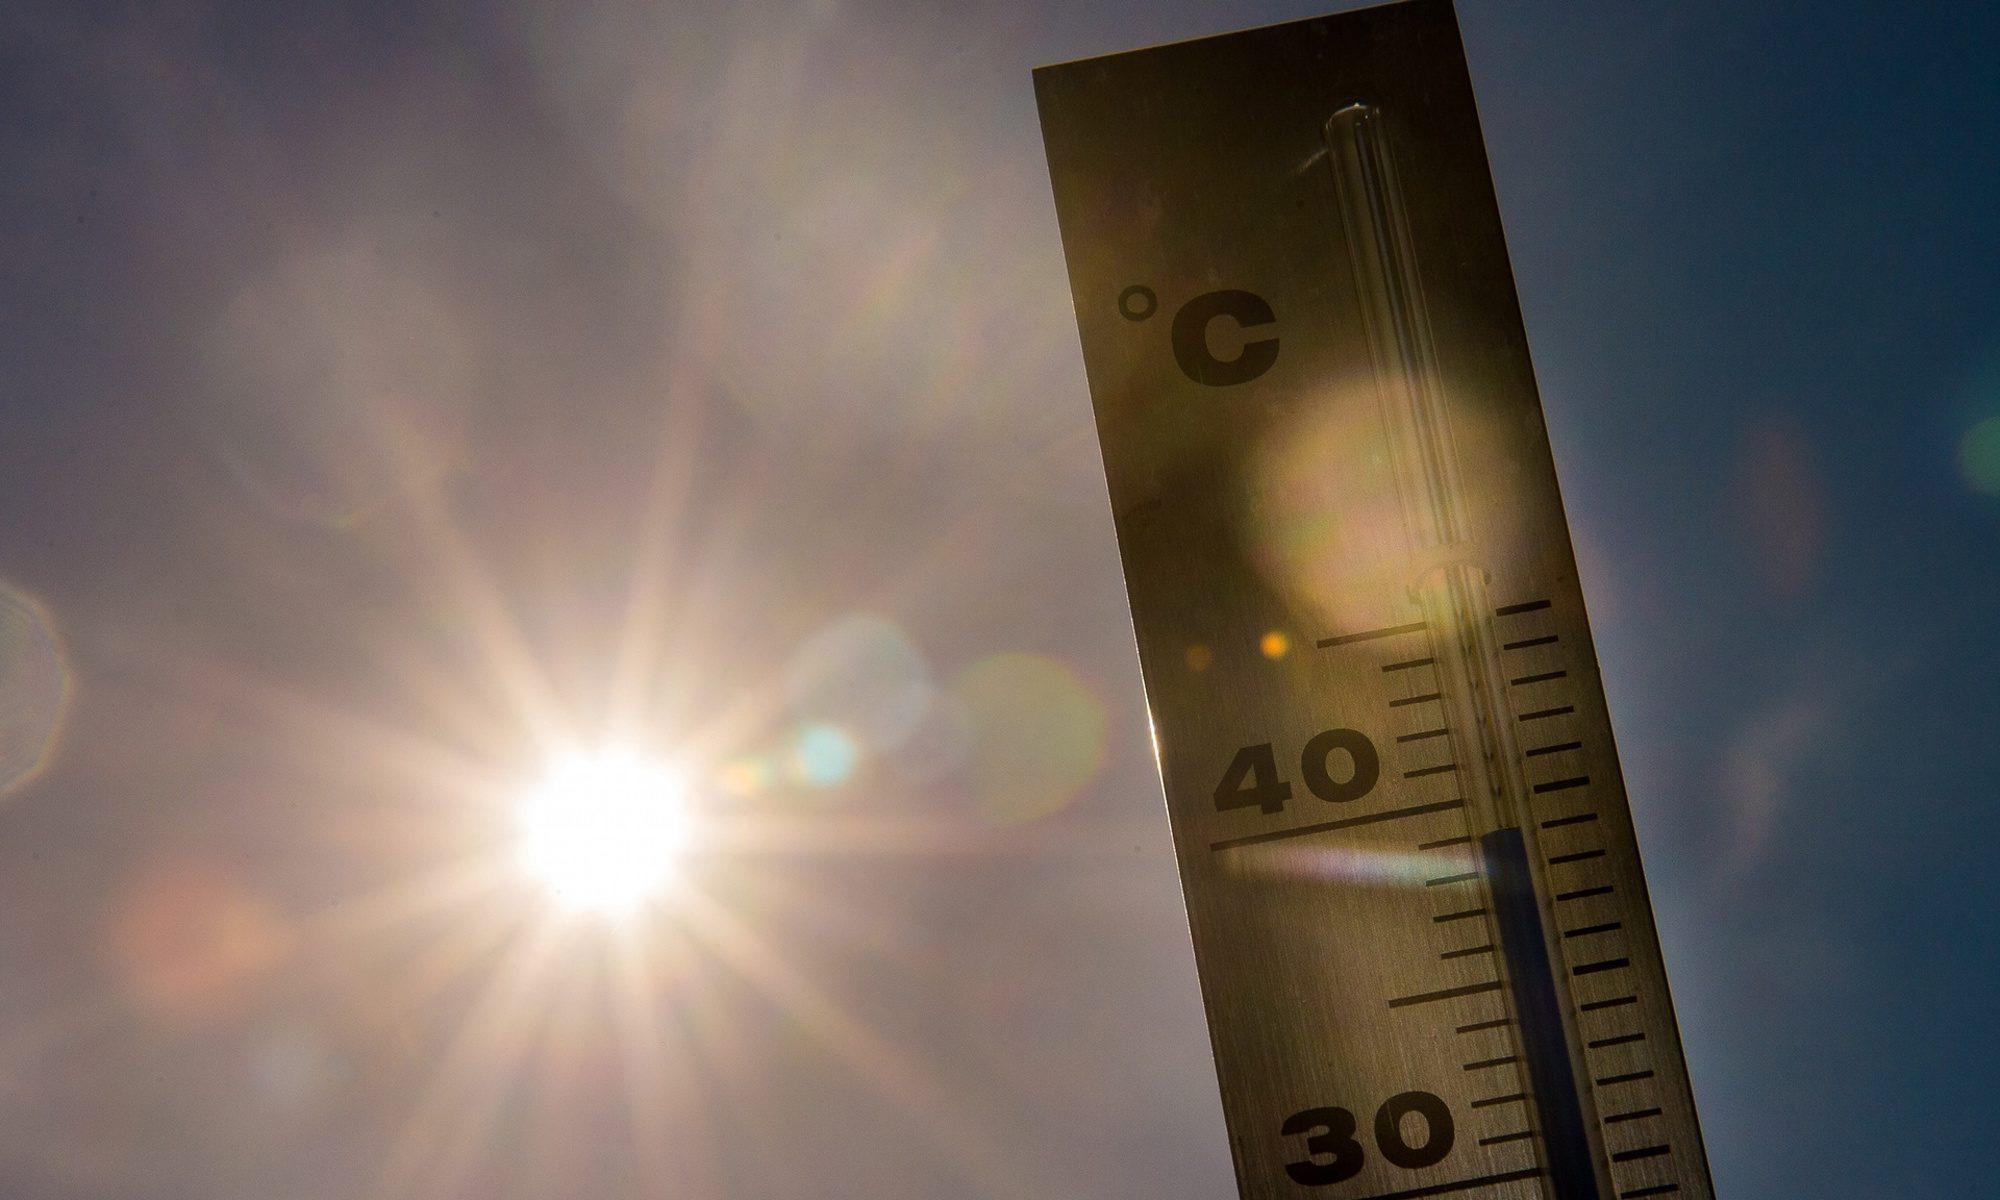 Έντονο κύμα καύσωνα μέχρι και αύριο, με πολύ υψηλές θερμοκρασίες- Πτώση της θερμοκρασίας την Παρασκευή και από τα βόρεια.